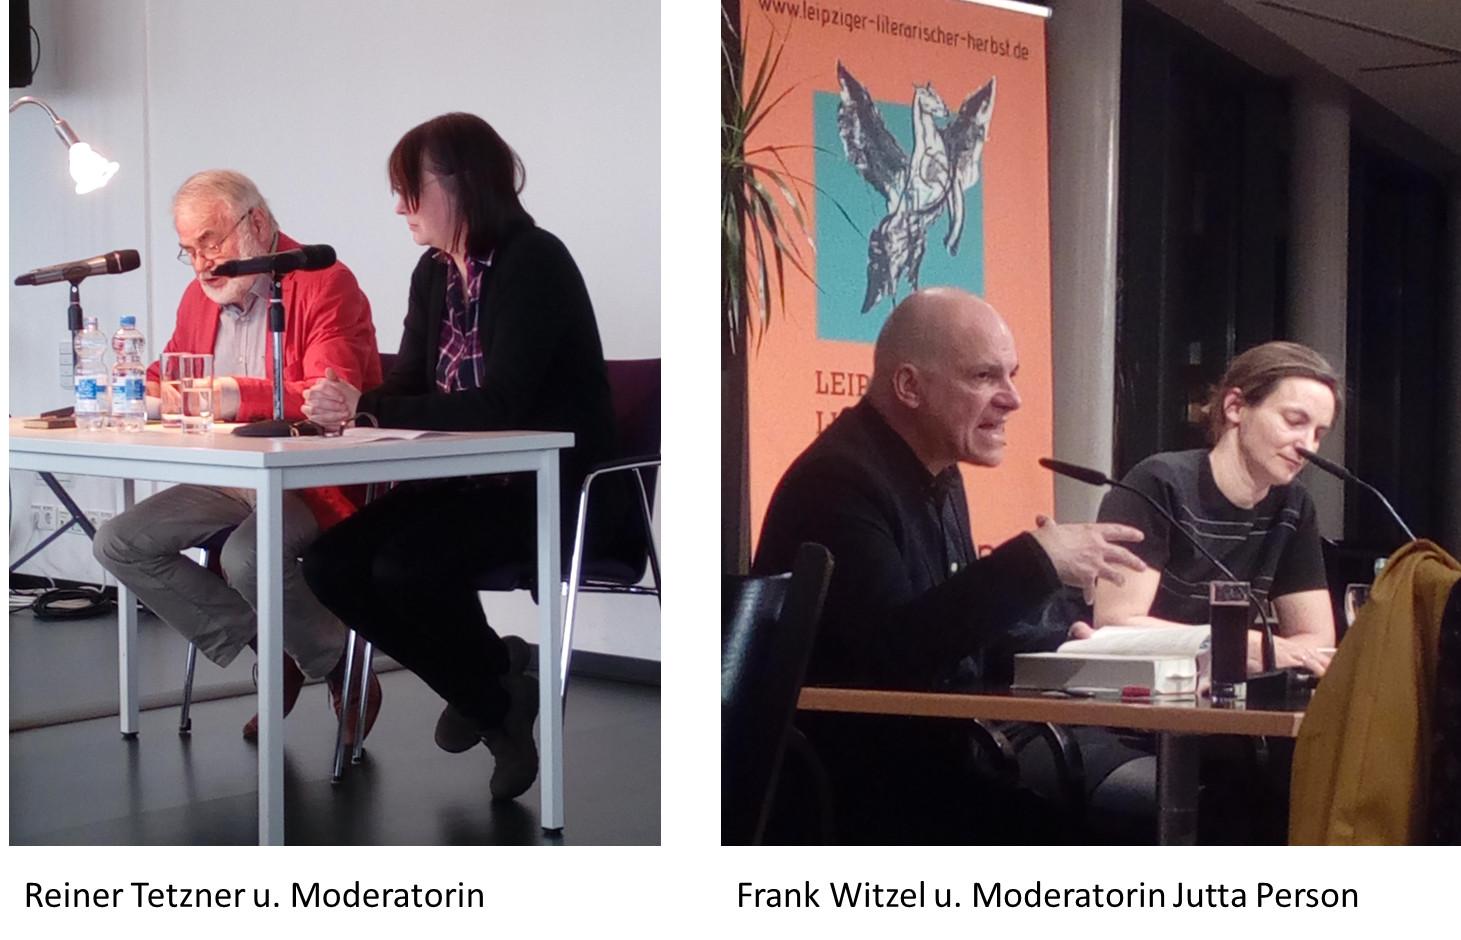 Phantastik im Mainstream? 2 Notizen zum Literaturherbst in Leipzig